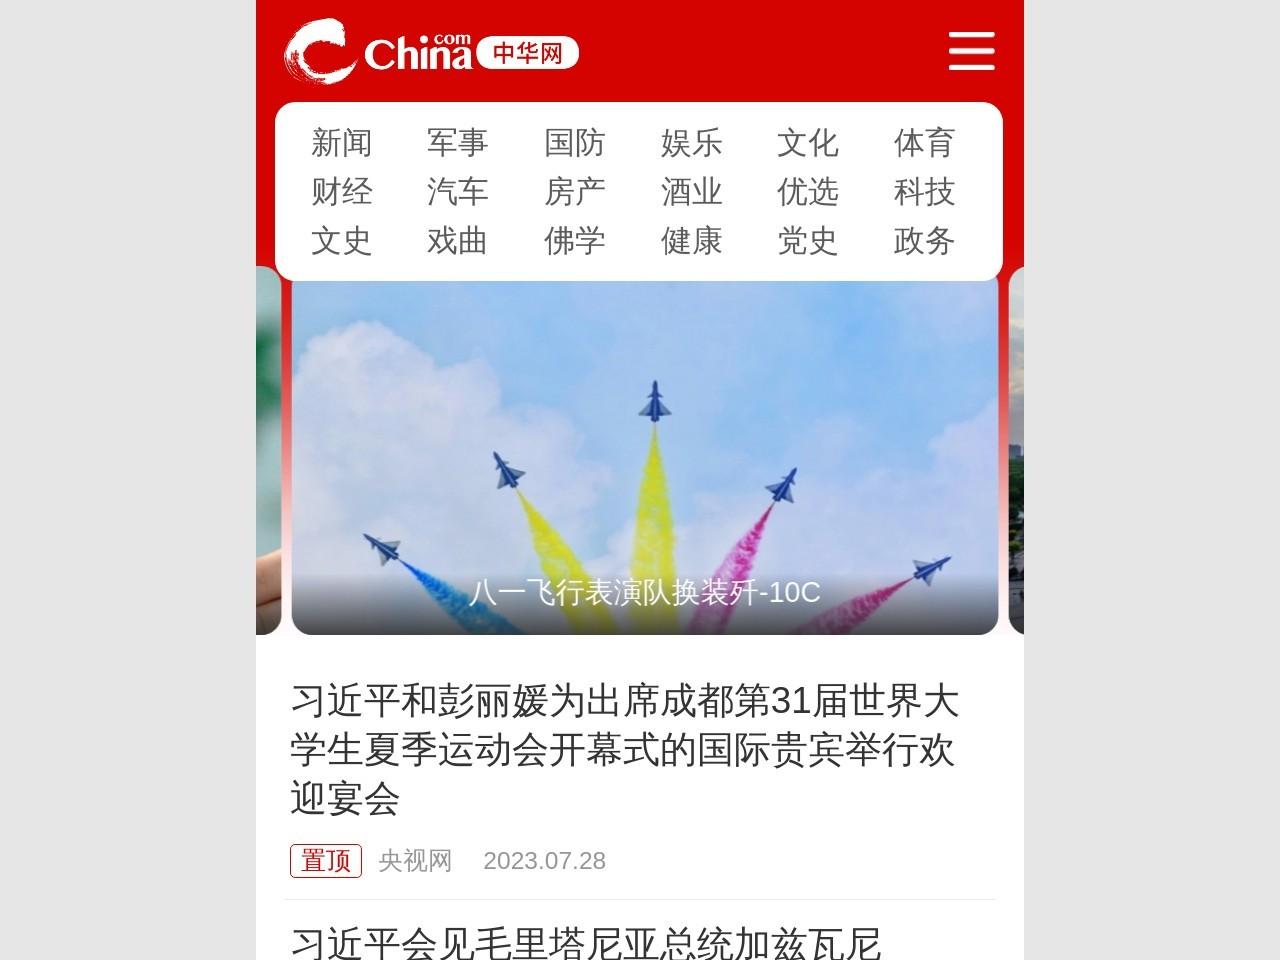 军事-手机中华网-中国最大的军事网站截图